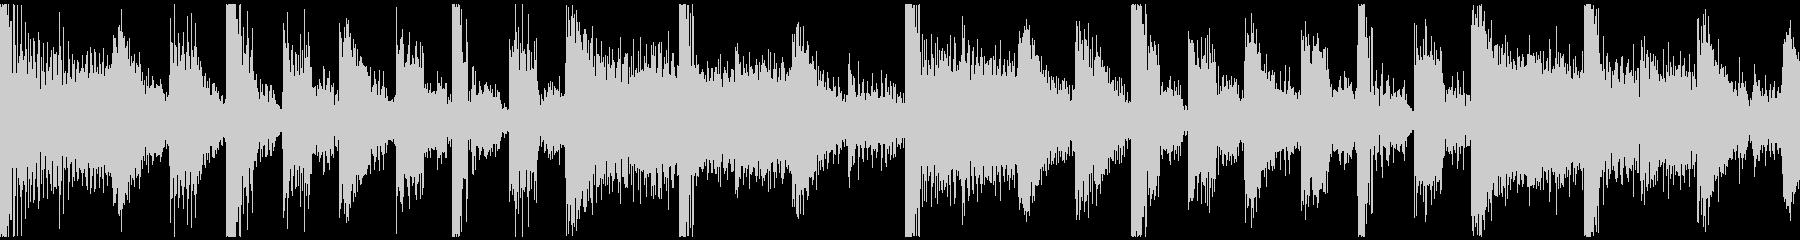 パズル待機画面BGM速度UP版 短ループの未再生の波形